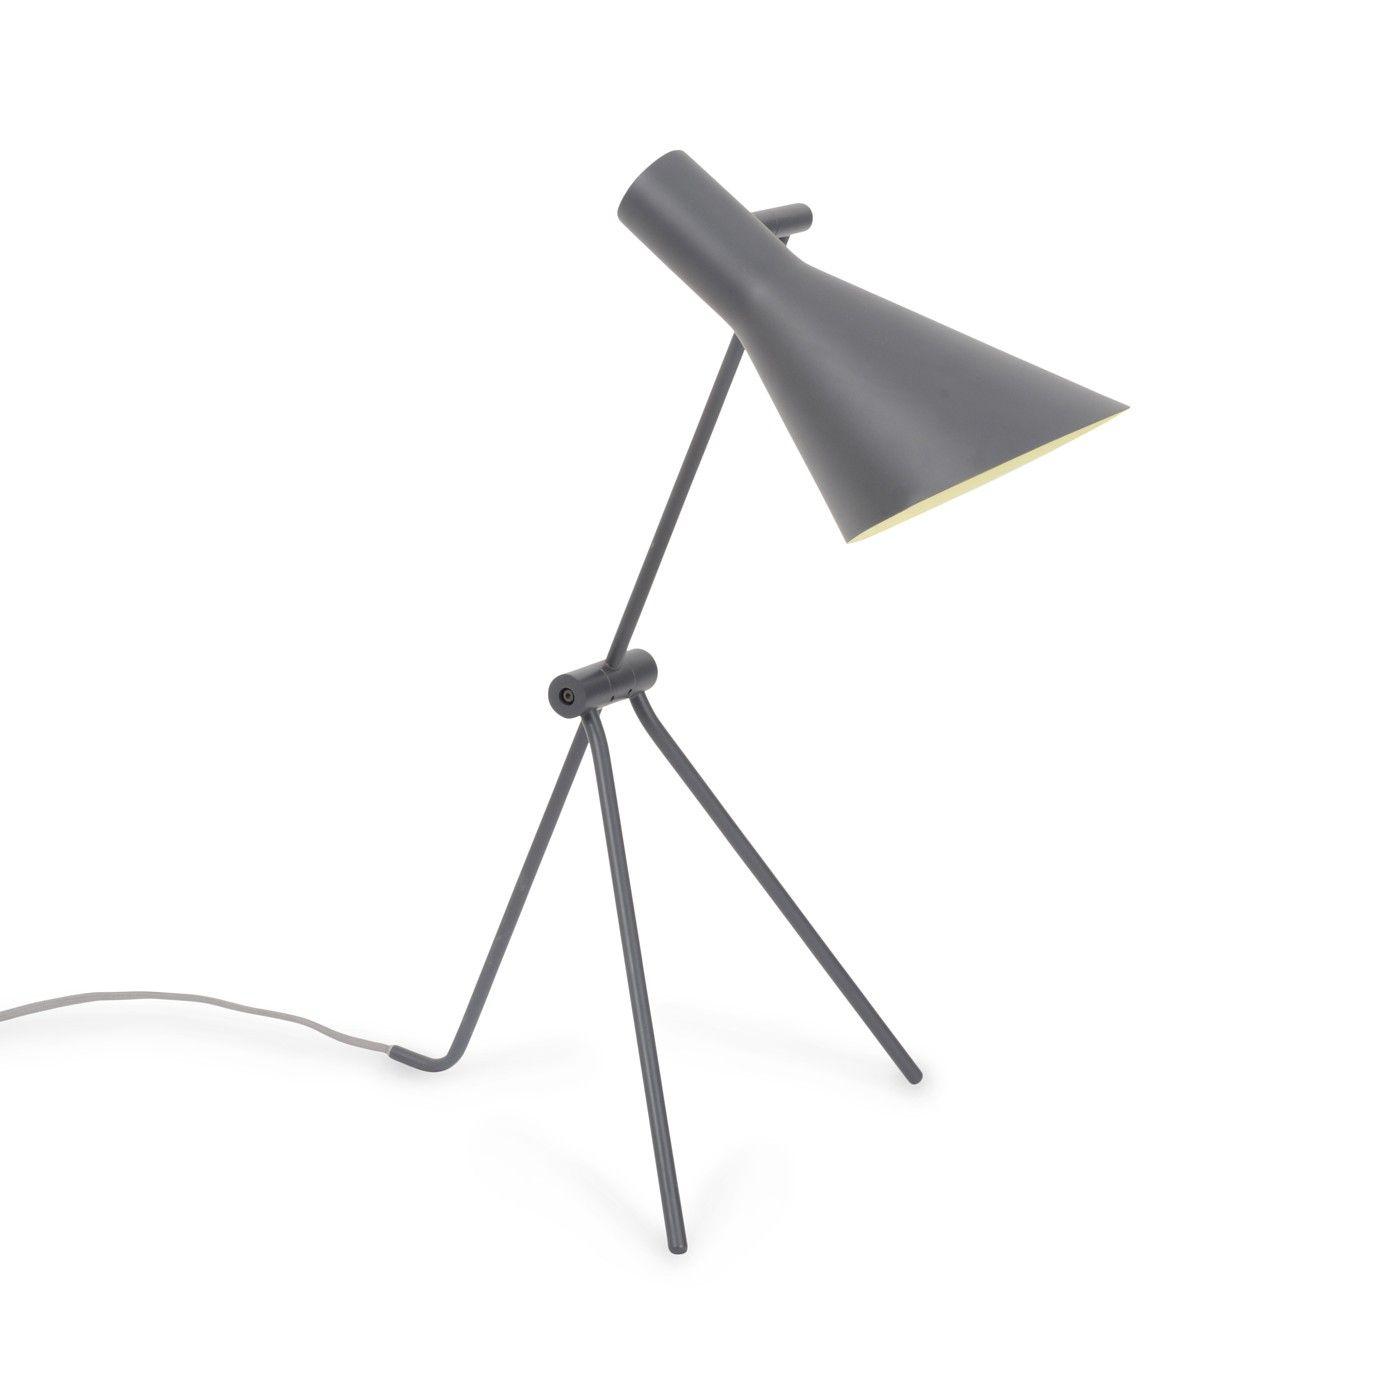 Résultat Supérieur 60 Merveilleux Lampe Trepied Industriel